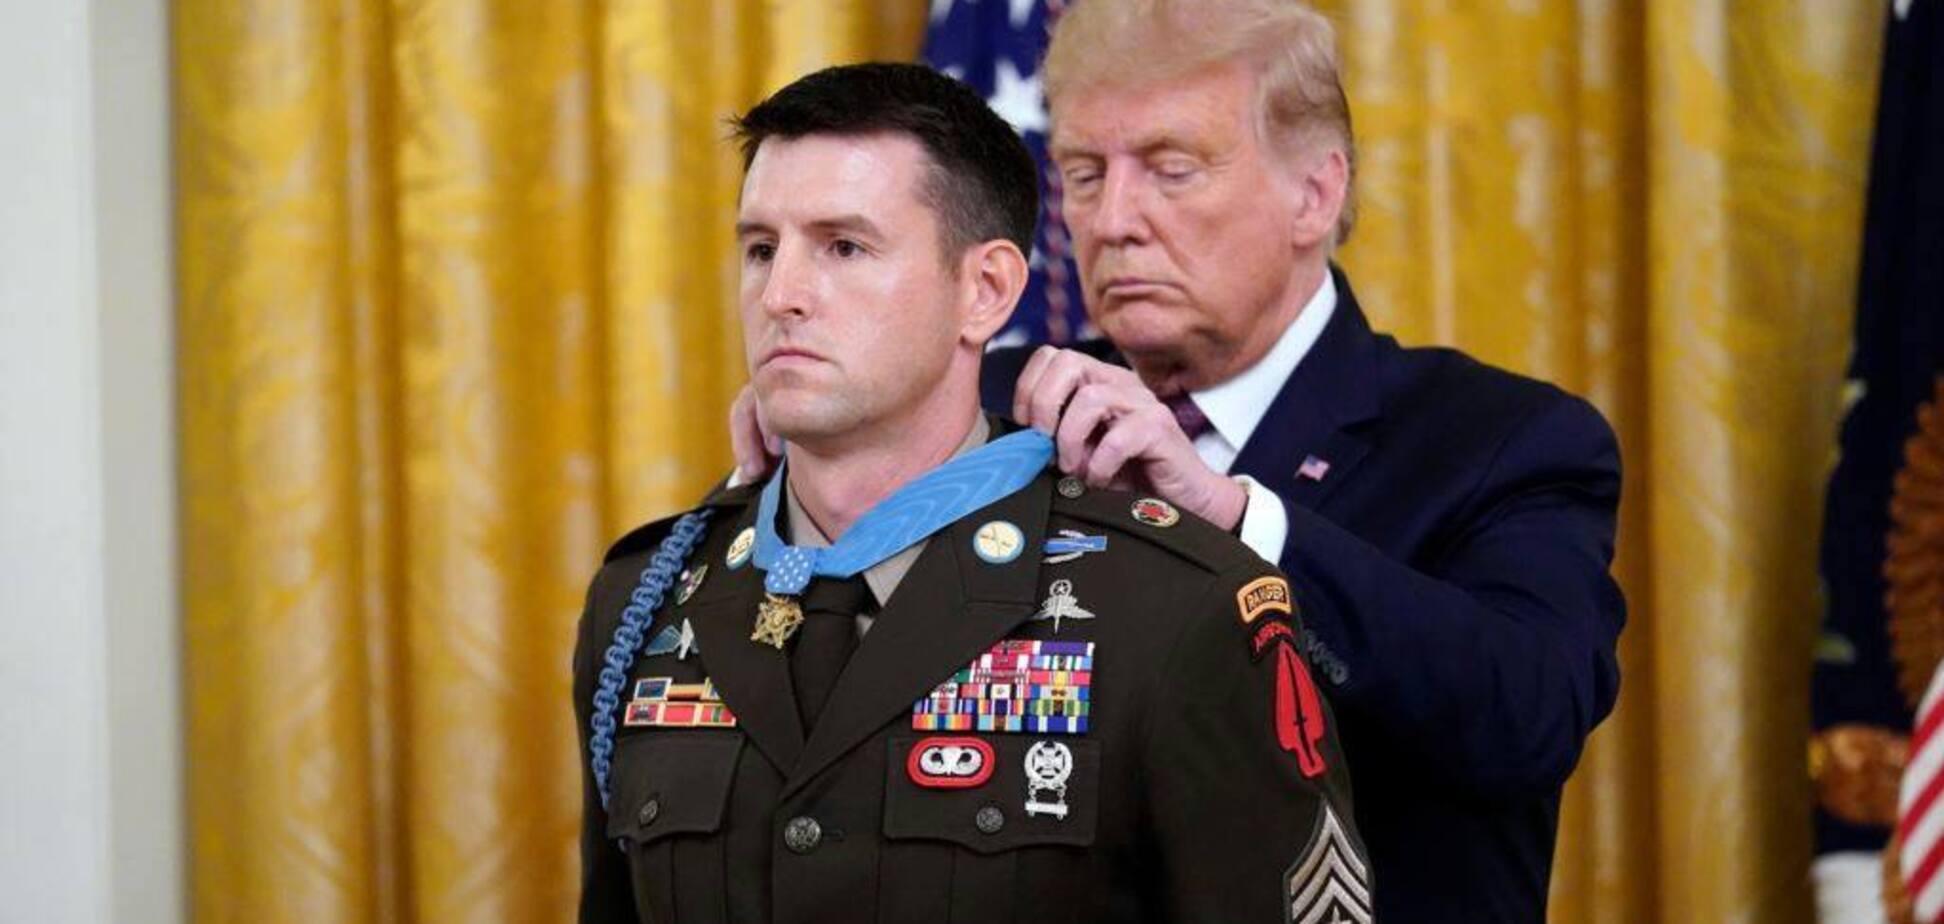 Как получить Медаль Почета? Подвиг и карьера сержант-майора армии США